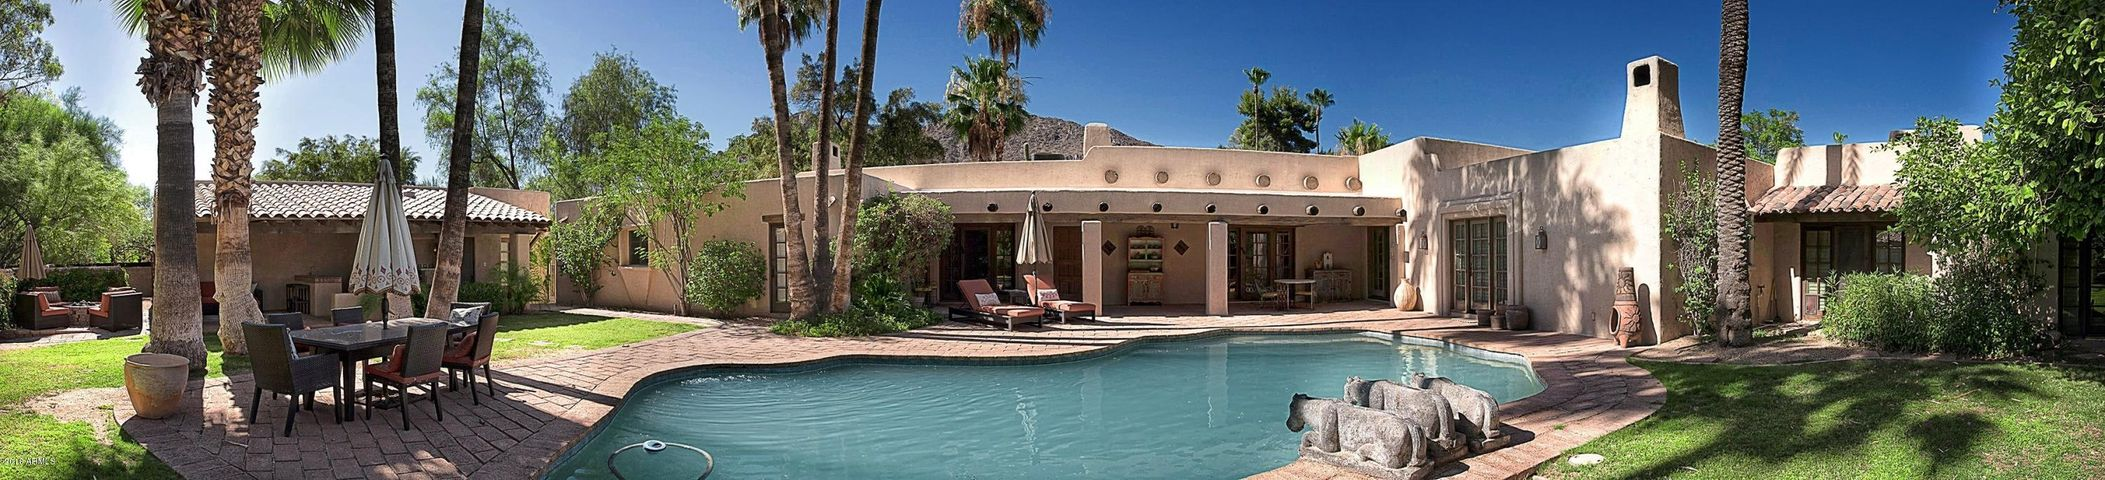 5929 E MARIPOSA Street, Phoenix, AZ 85018